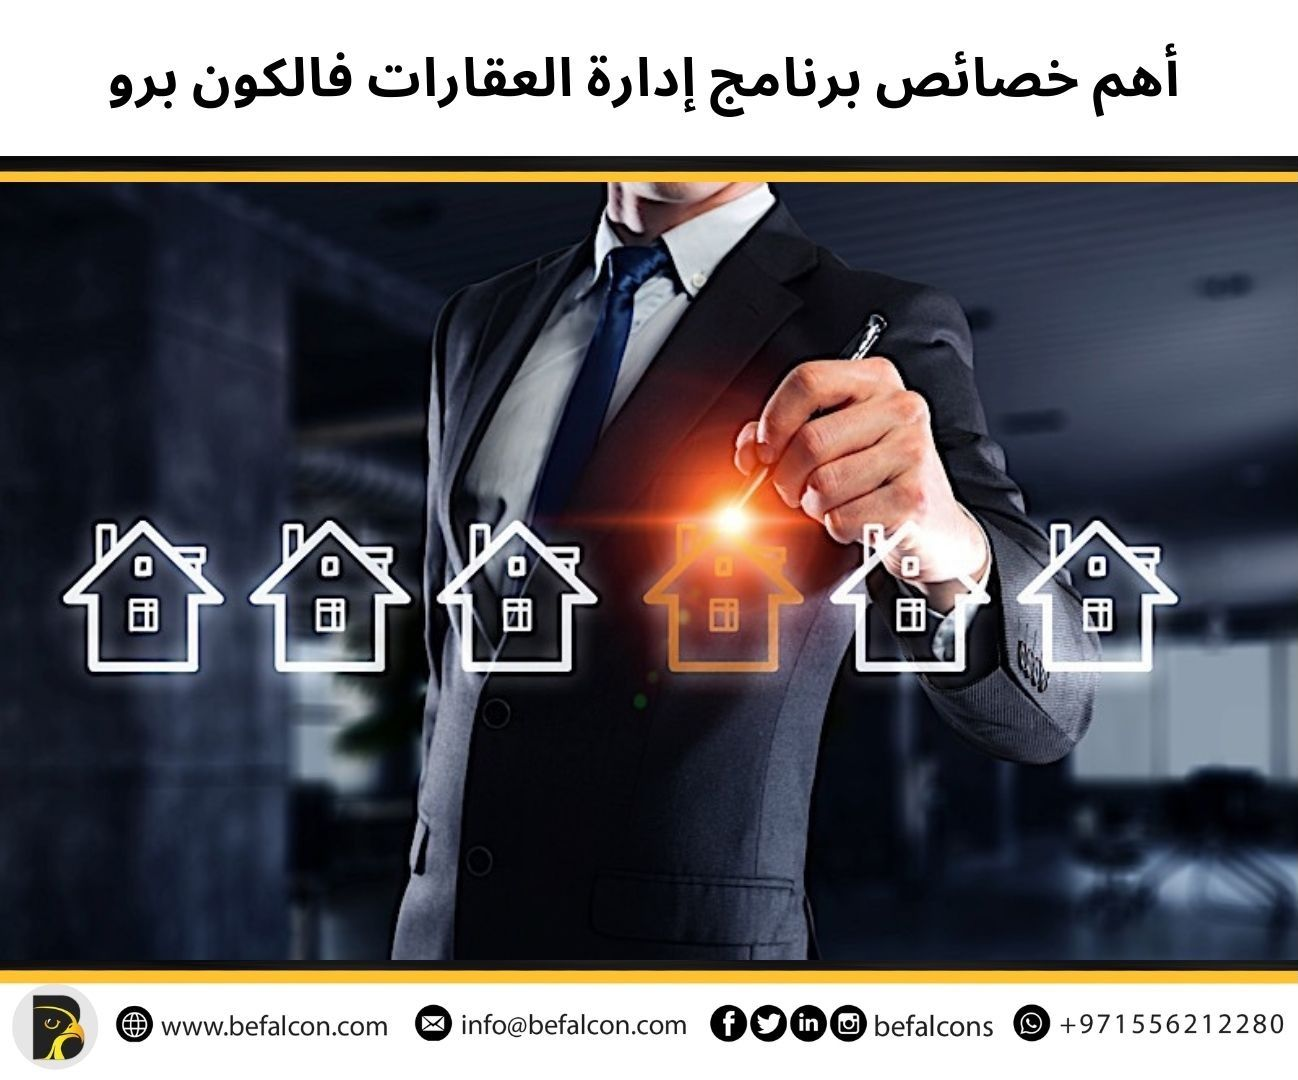 مميزات برنامج فالكون برو لإدارة العقارات Rental Property Real Estate Investing Rental